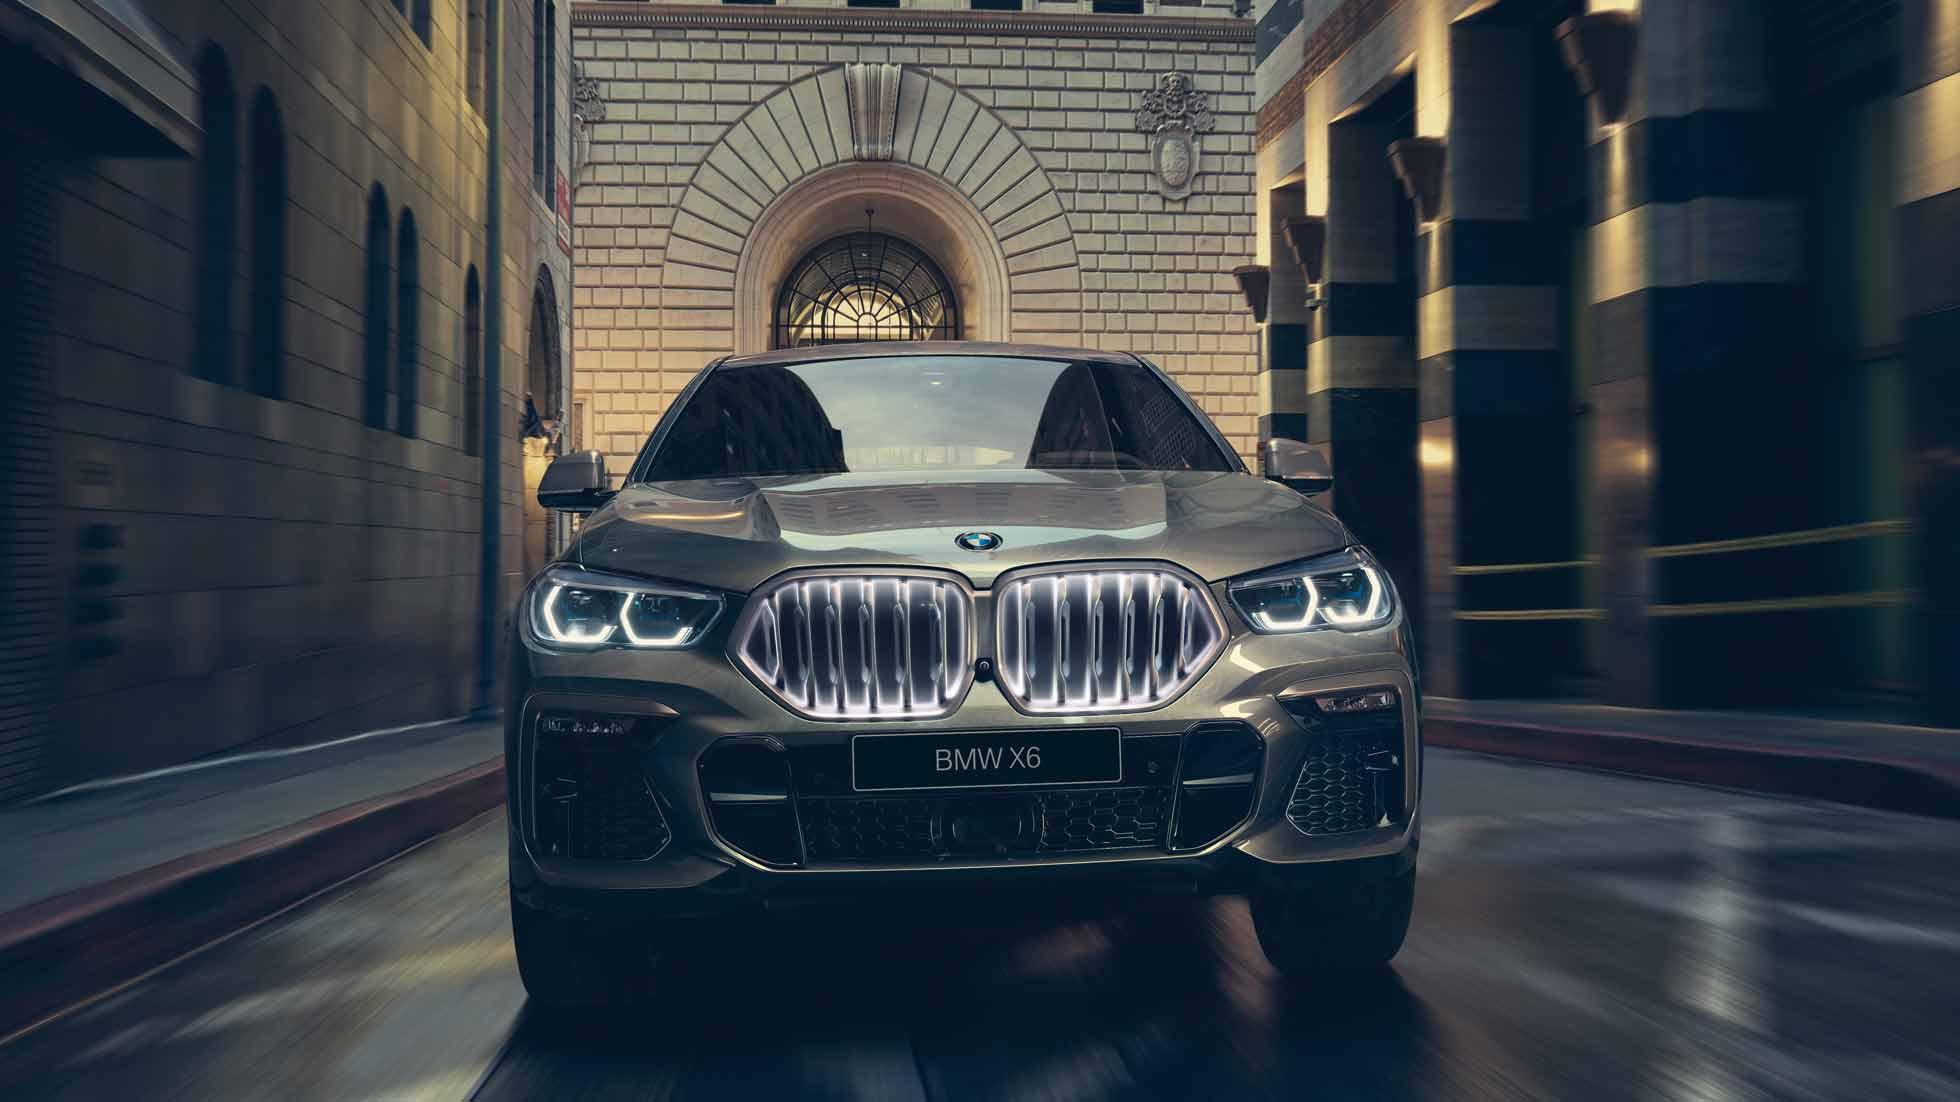 BMW X6 в городе, вид спереди